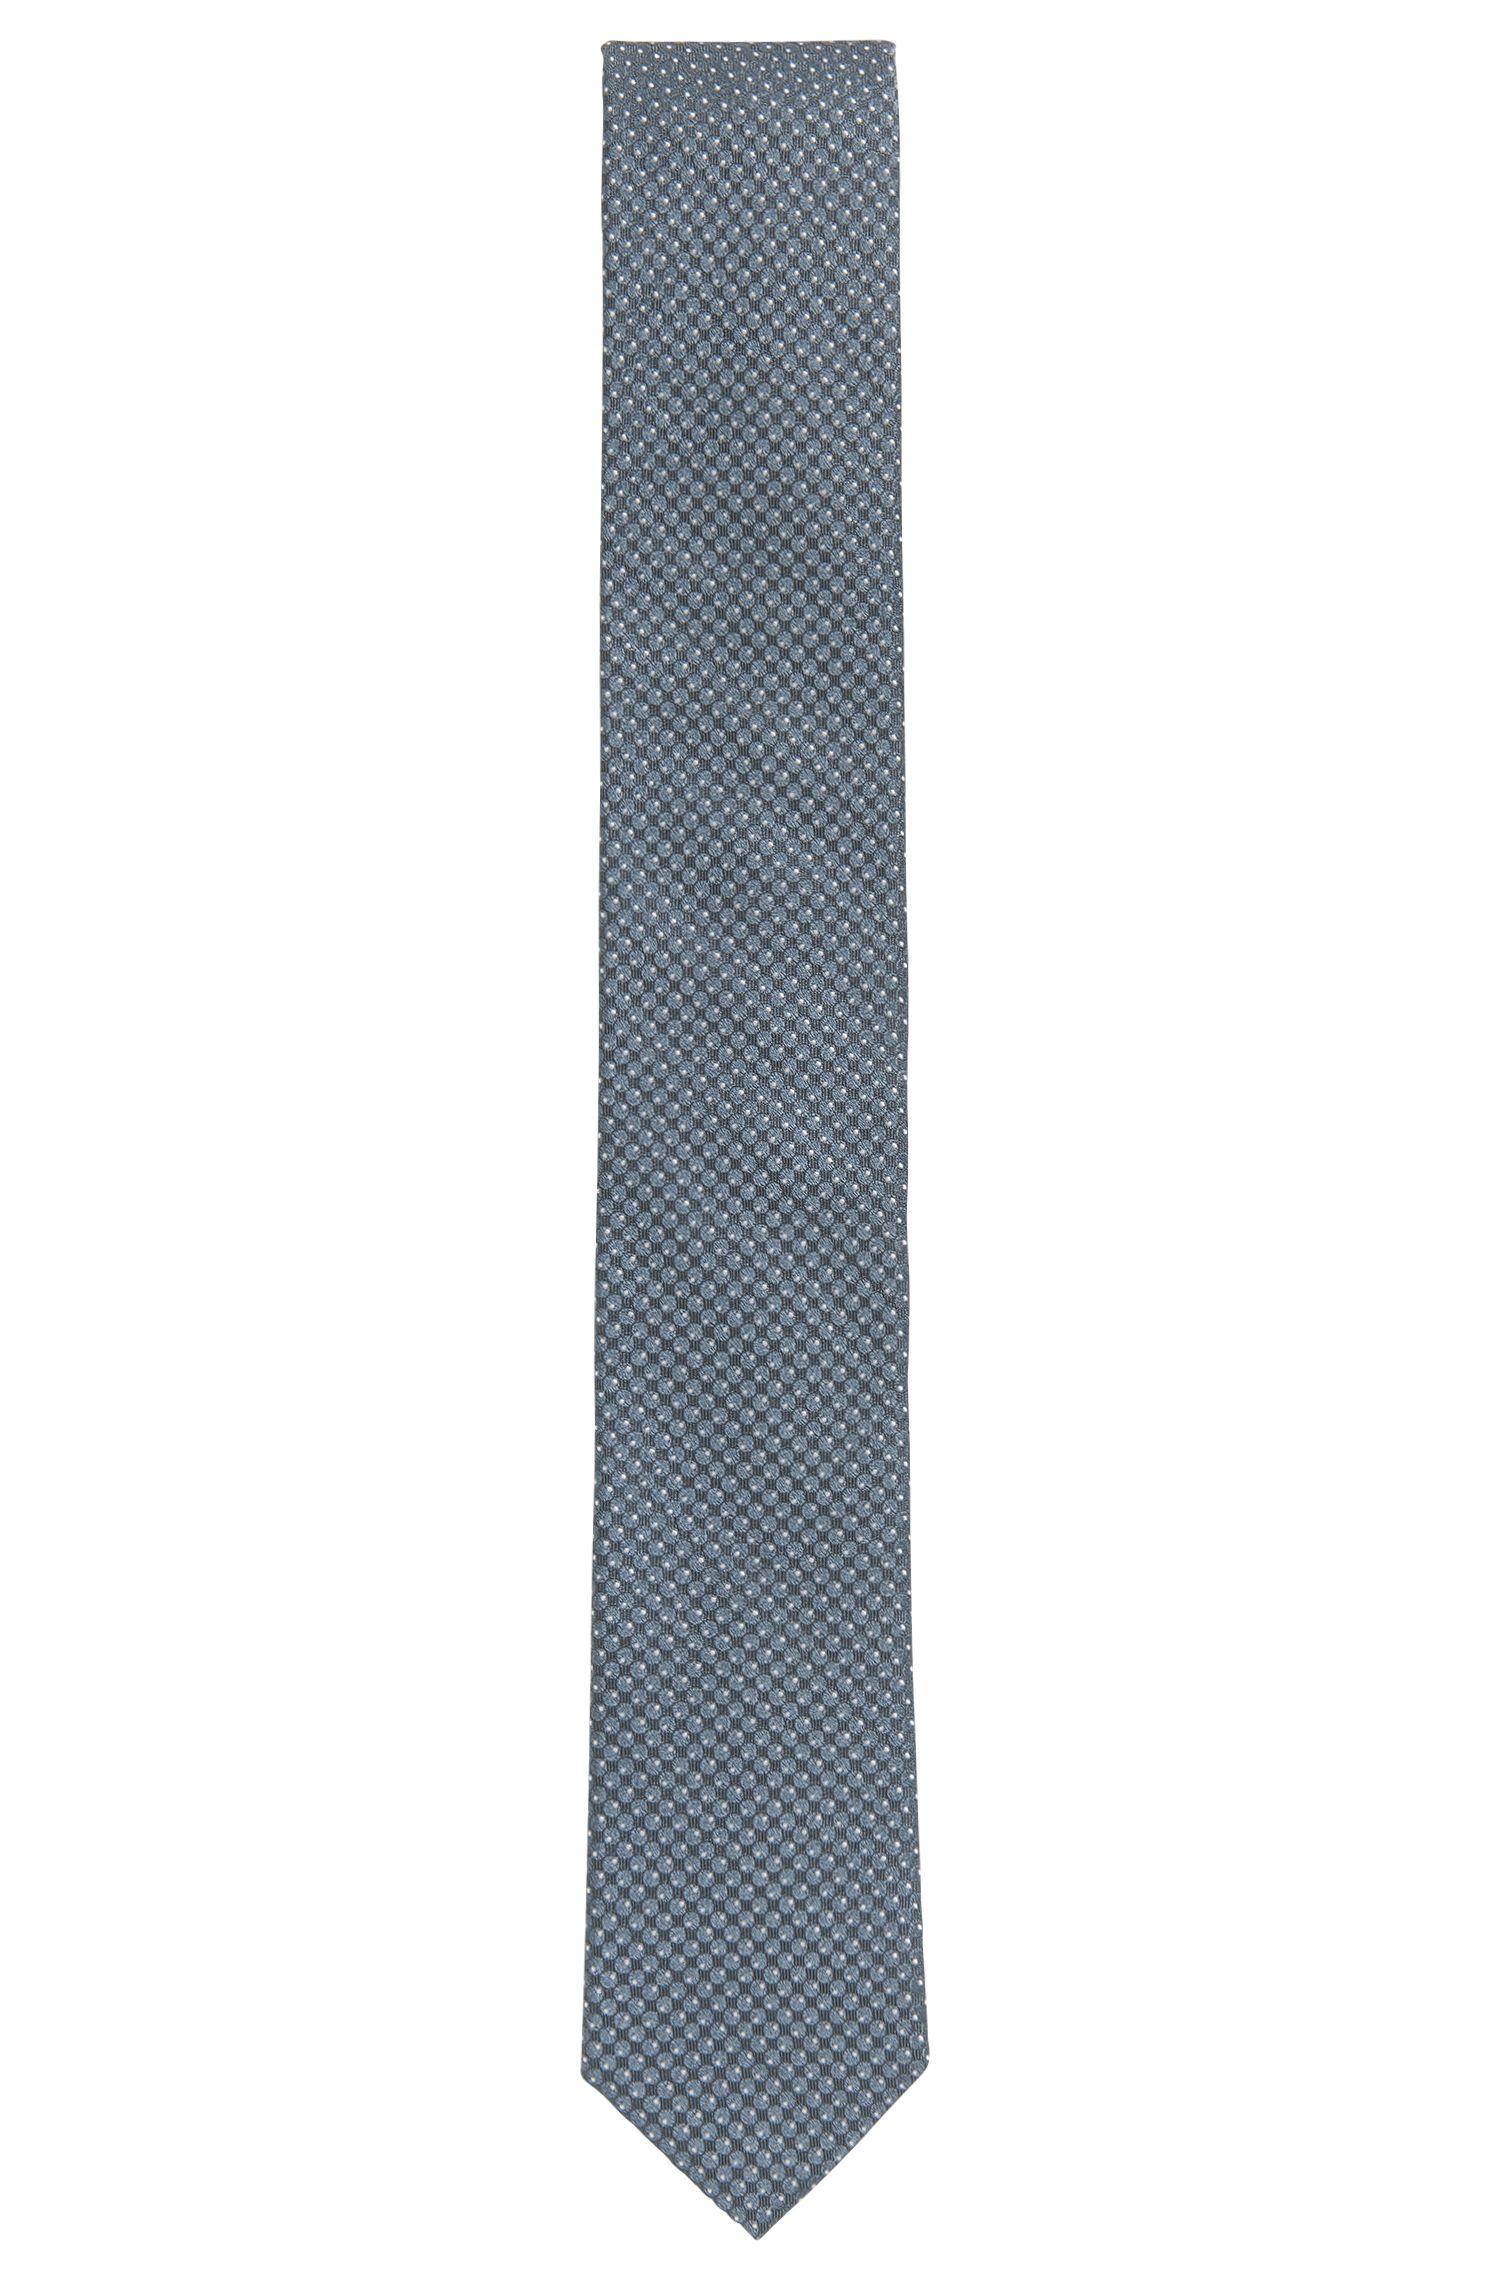 Cravatta in seta jacquard con motivo a pois realizzata in Italia